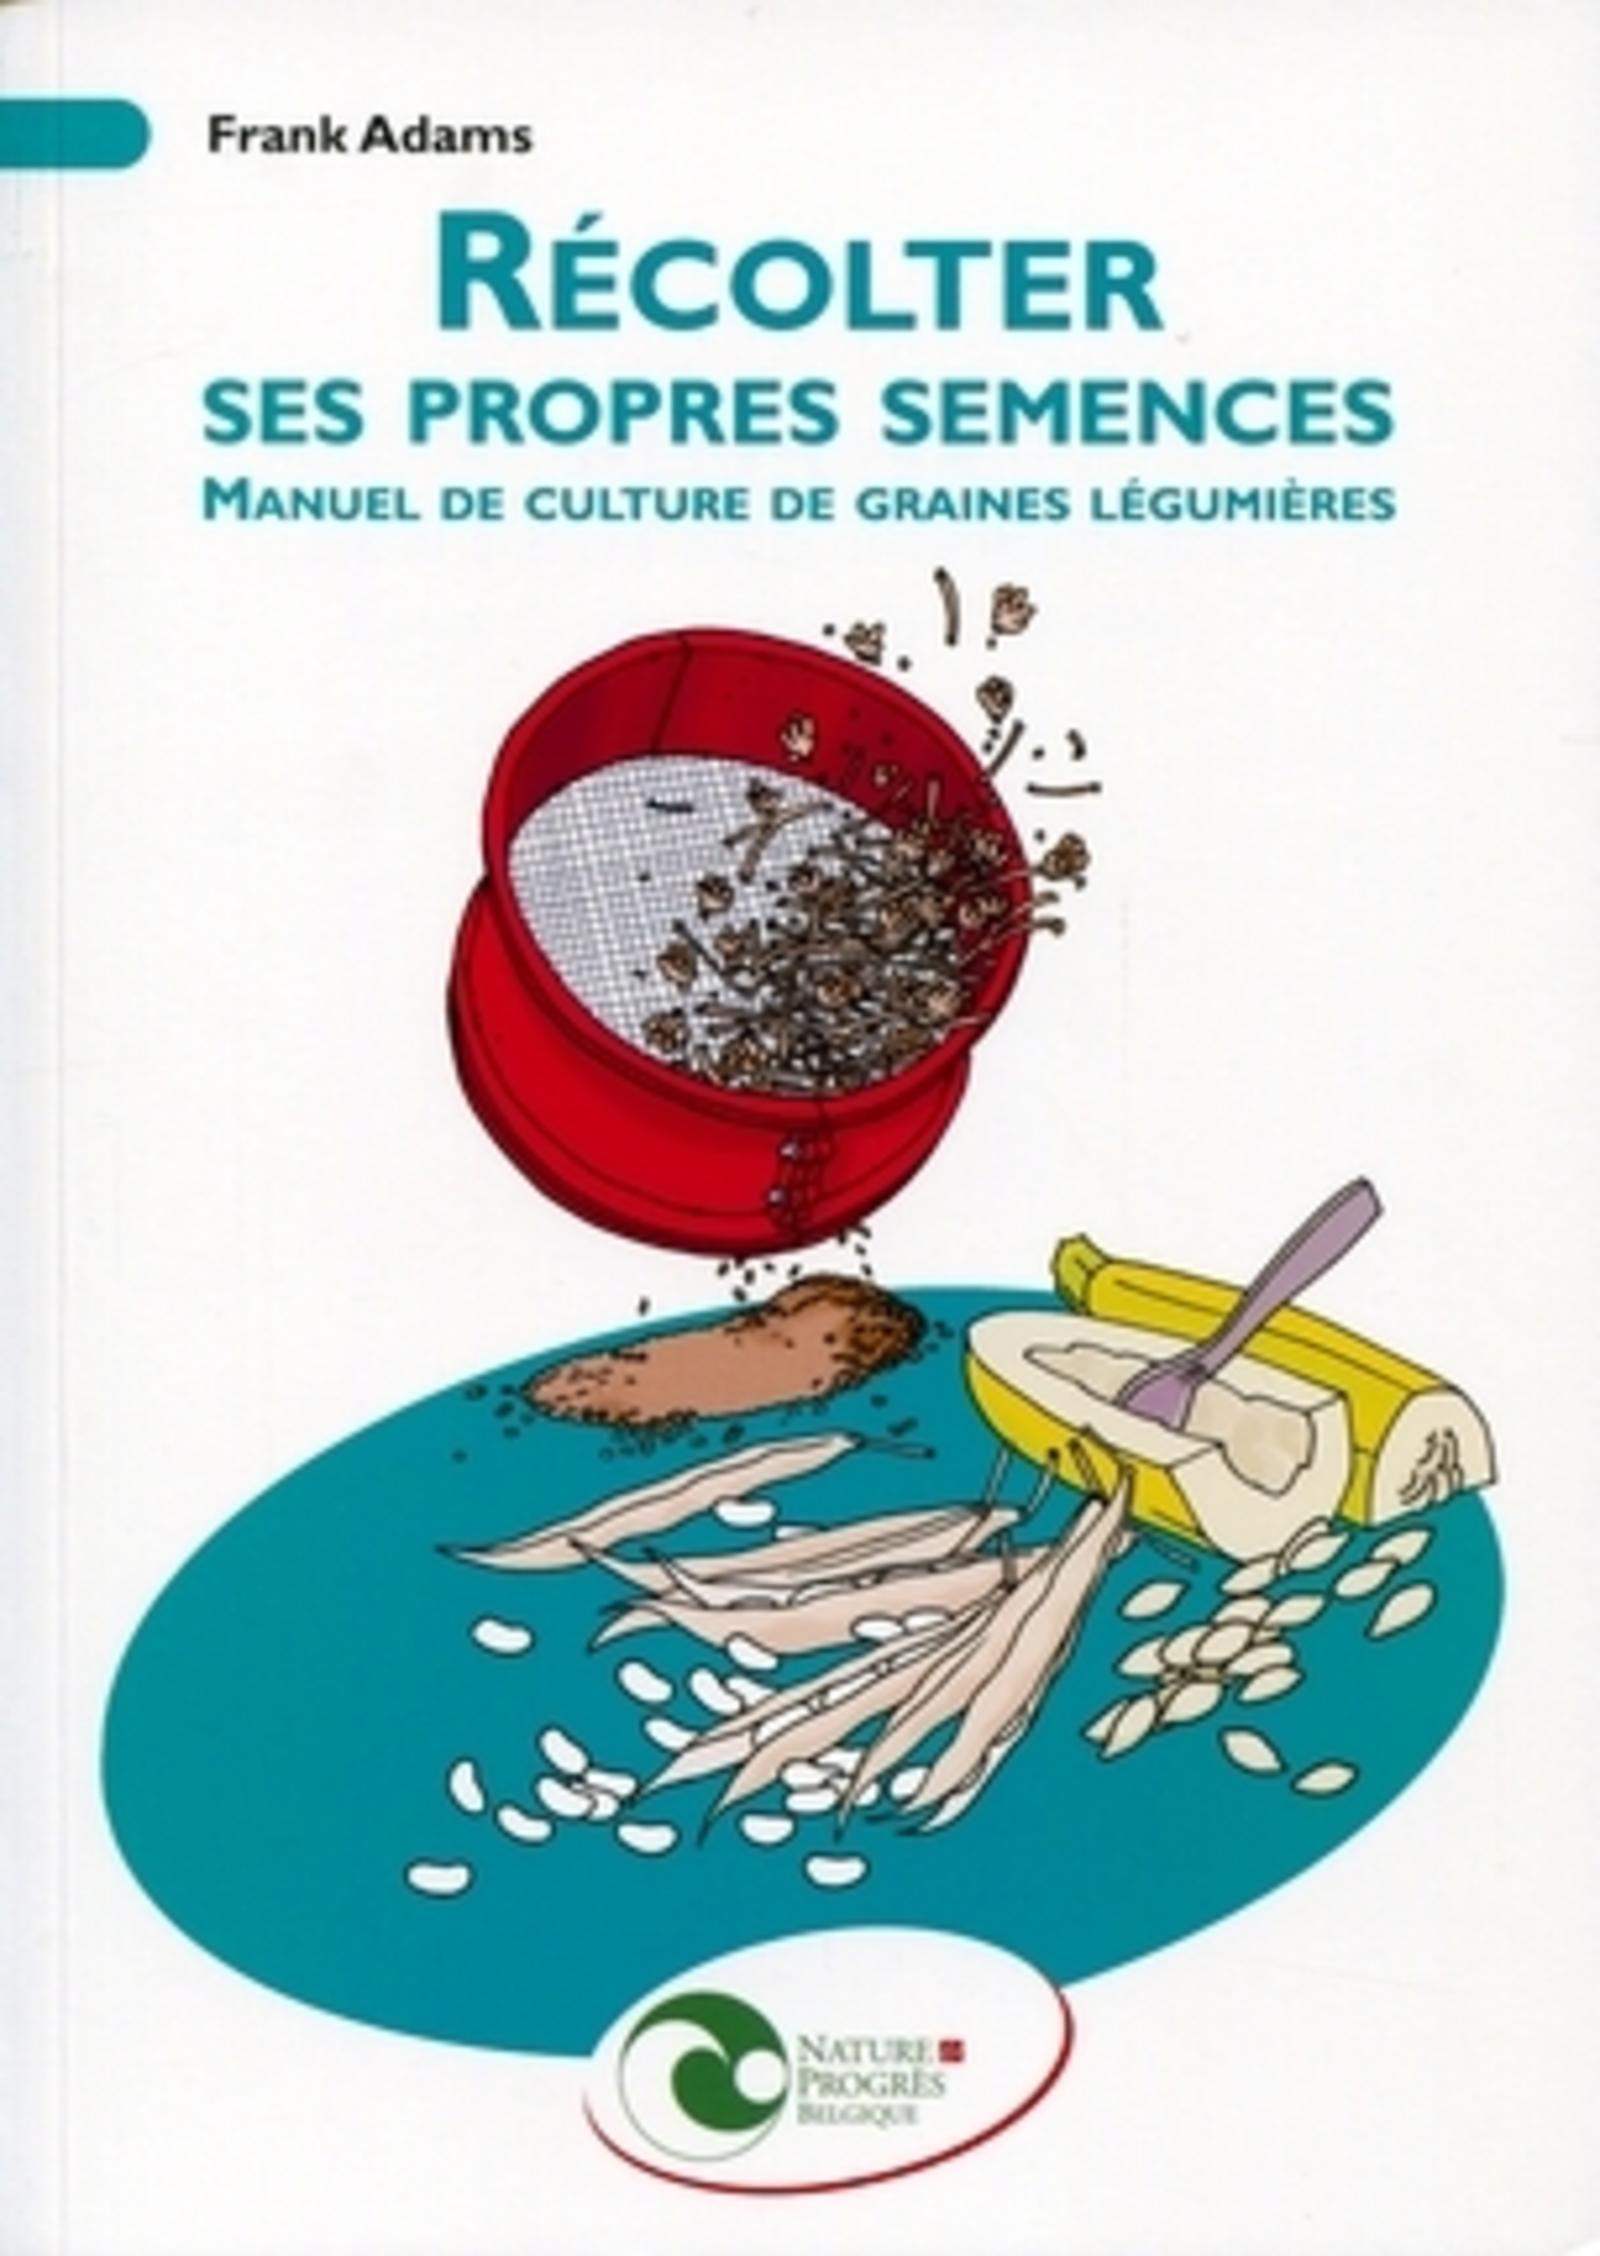 RECOLTER SES PROPRES SEMENCES. MANUEL DE CULTURE DE GRAINES LEGUMIERES - MANUEL DE CULTURE DE GRAINE